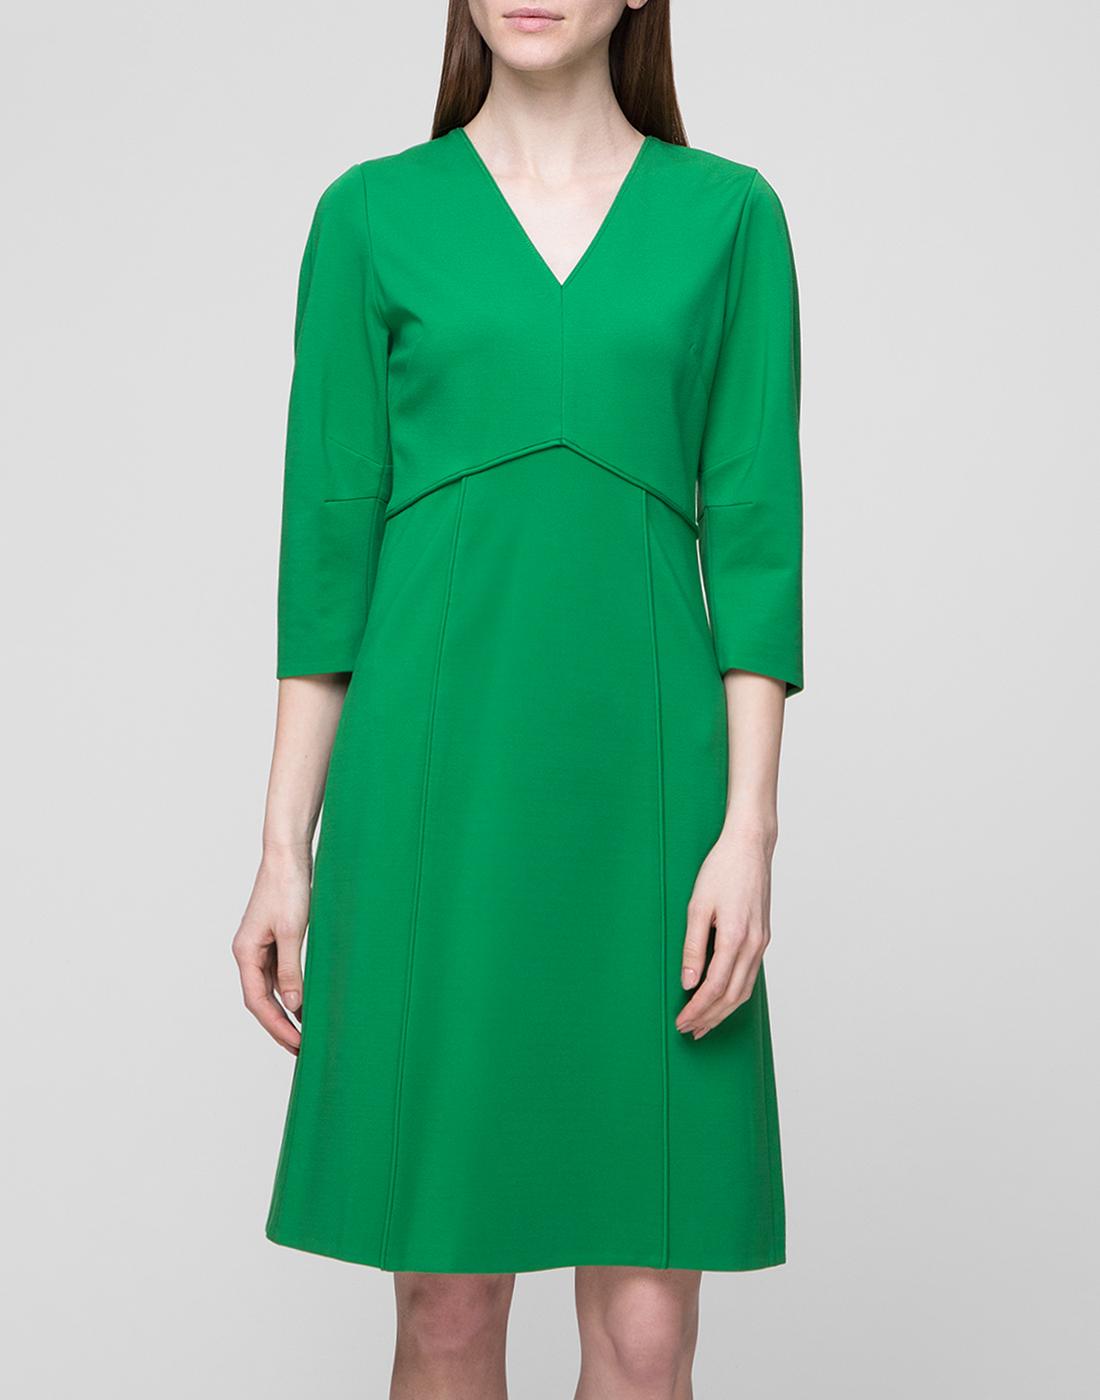 Женское зеленое платье Dorothee Schumacher S548013/562-2